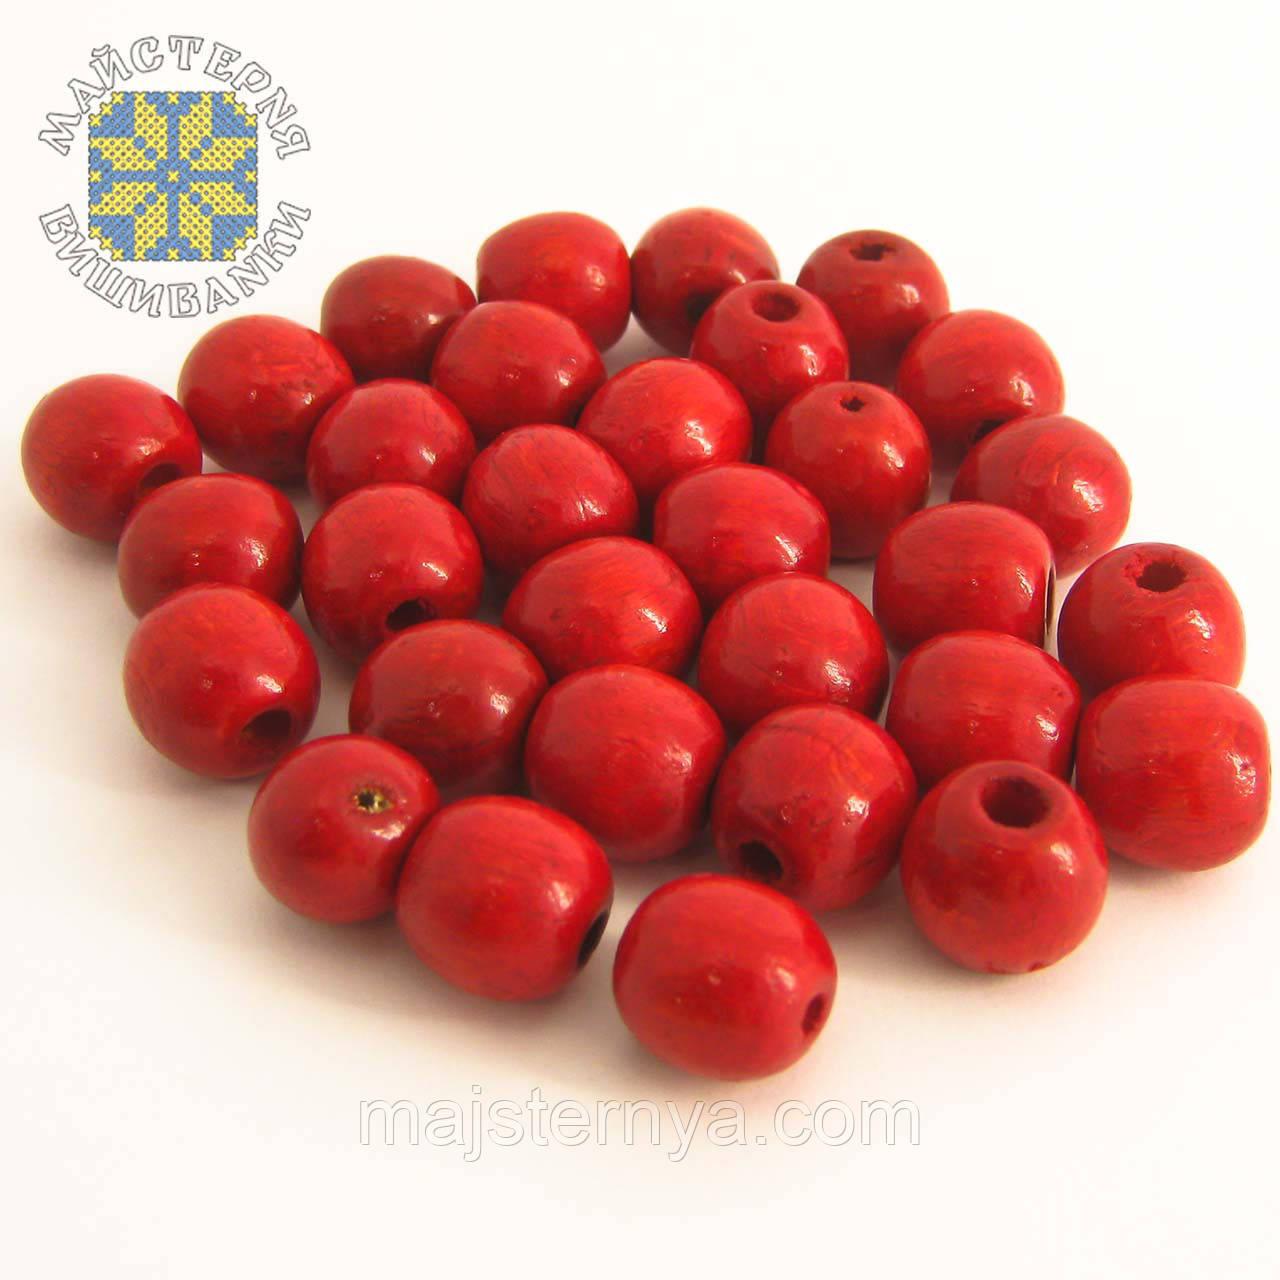 Дерев'яні бусини 1,3см червоного кольору